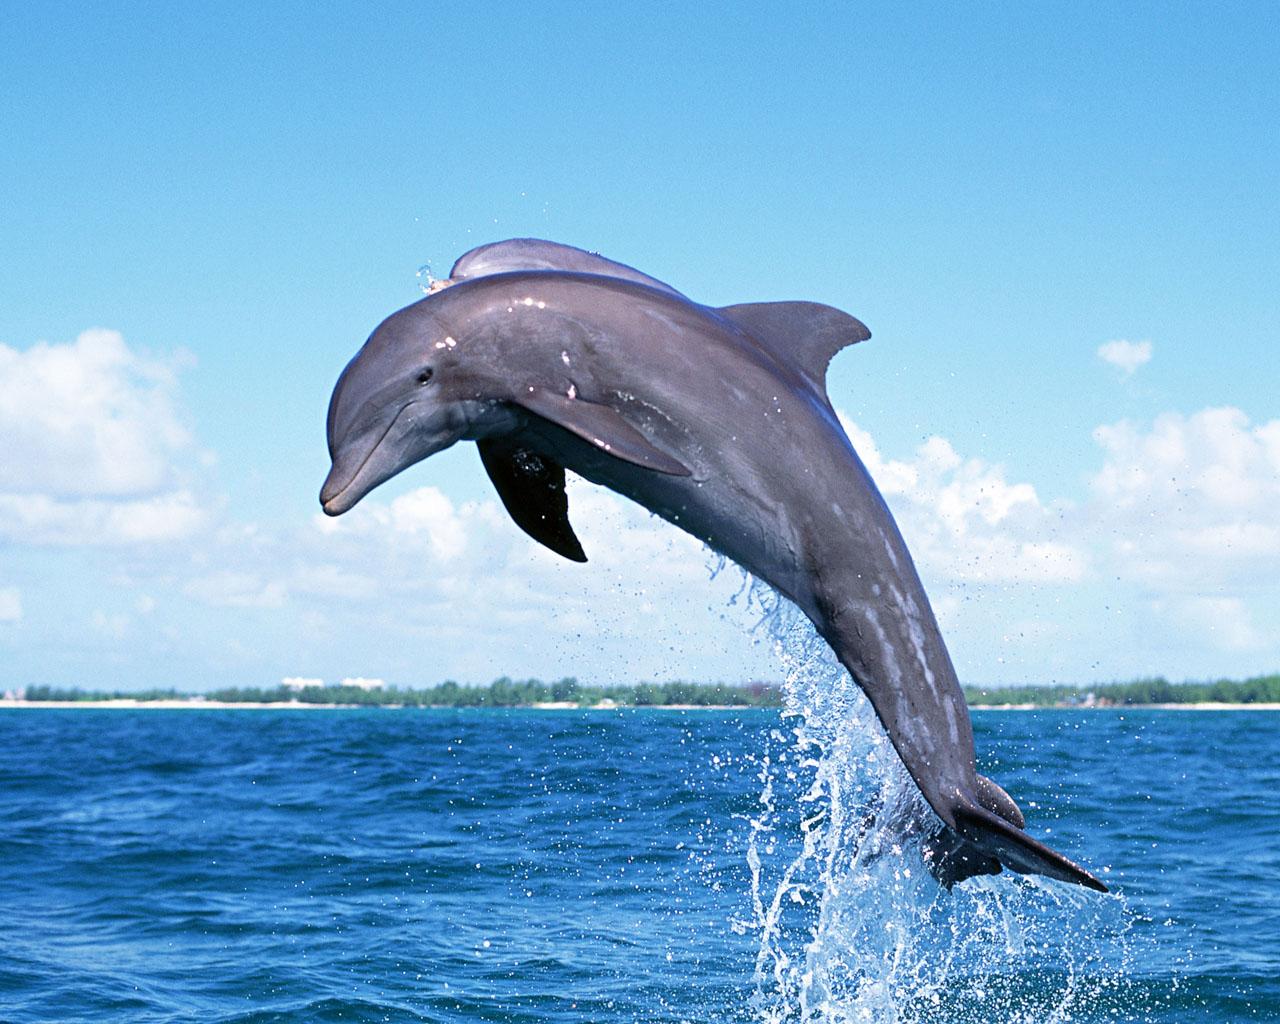 http://2.bp.blogspot.com/-MZqxcfWyWW4/T3tB1Oh5-gI/AAAAAAAAAQ8/IqhMAZM5T_s/s1600/dolphin-wallpaper-10.jpg